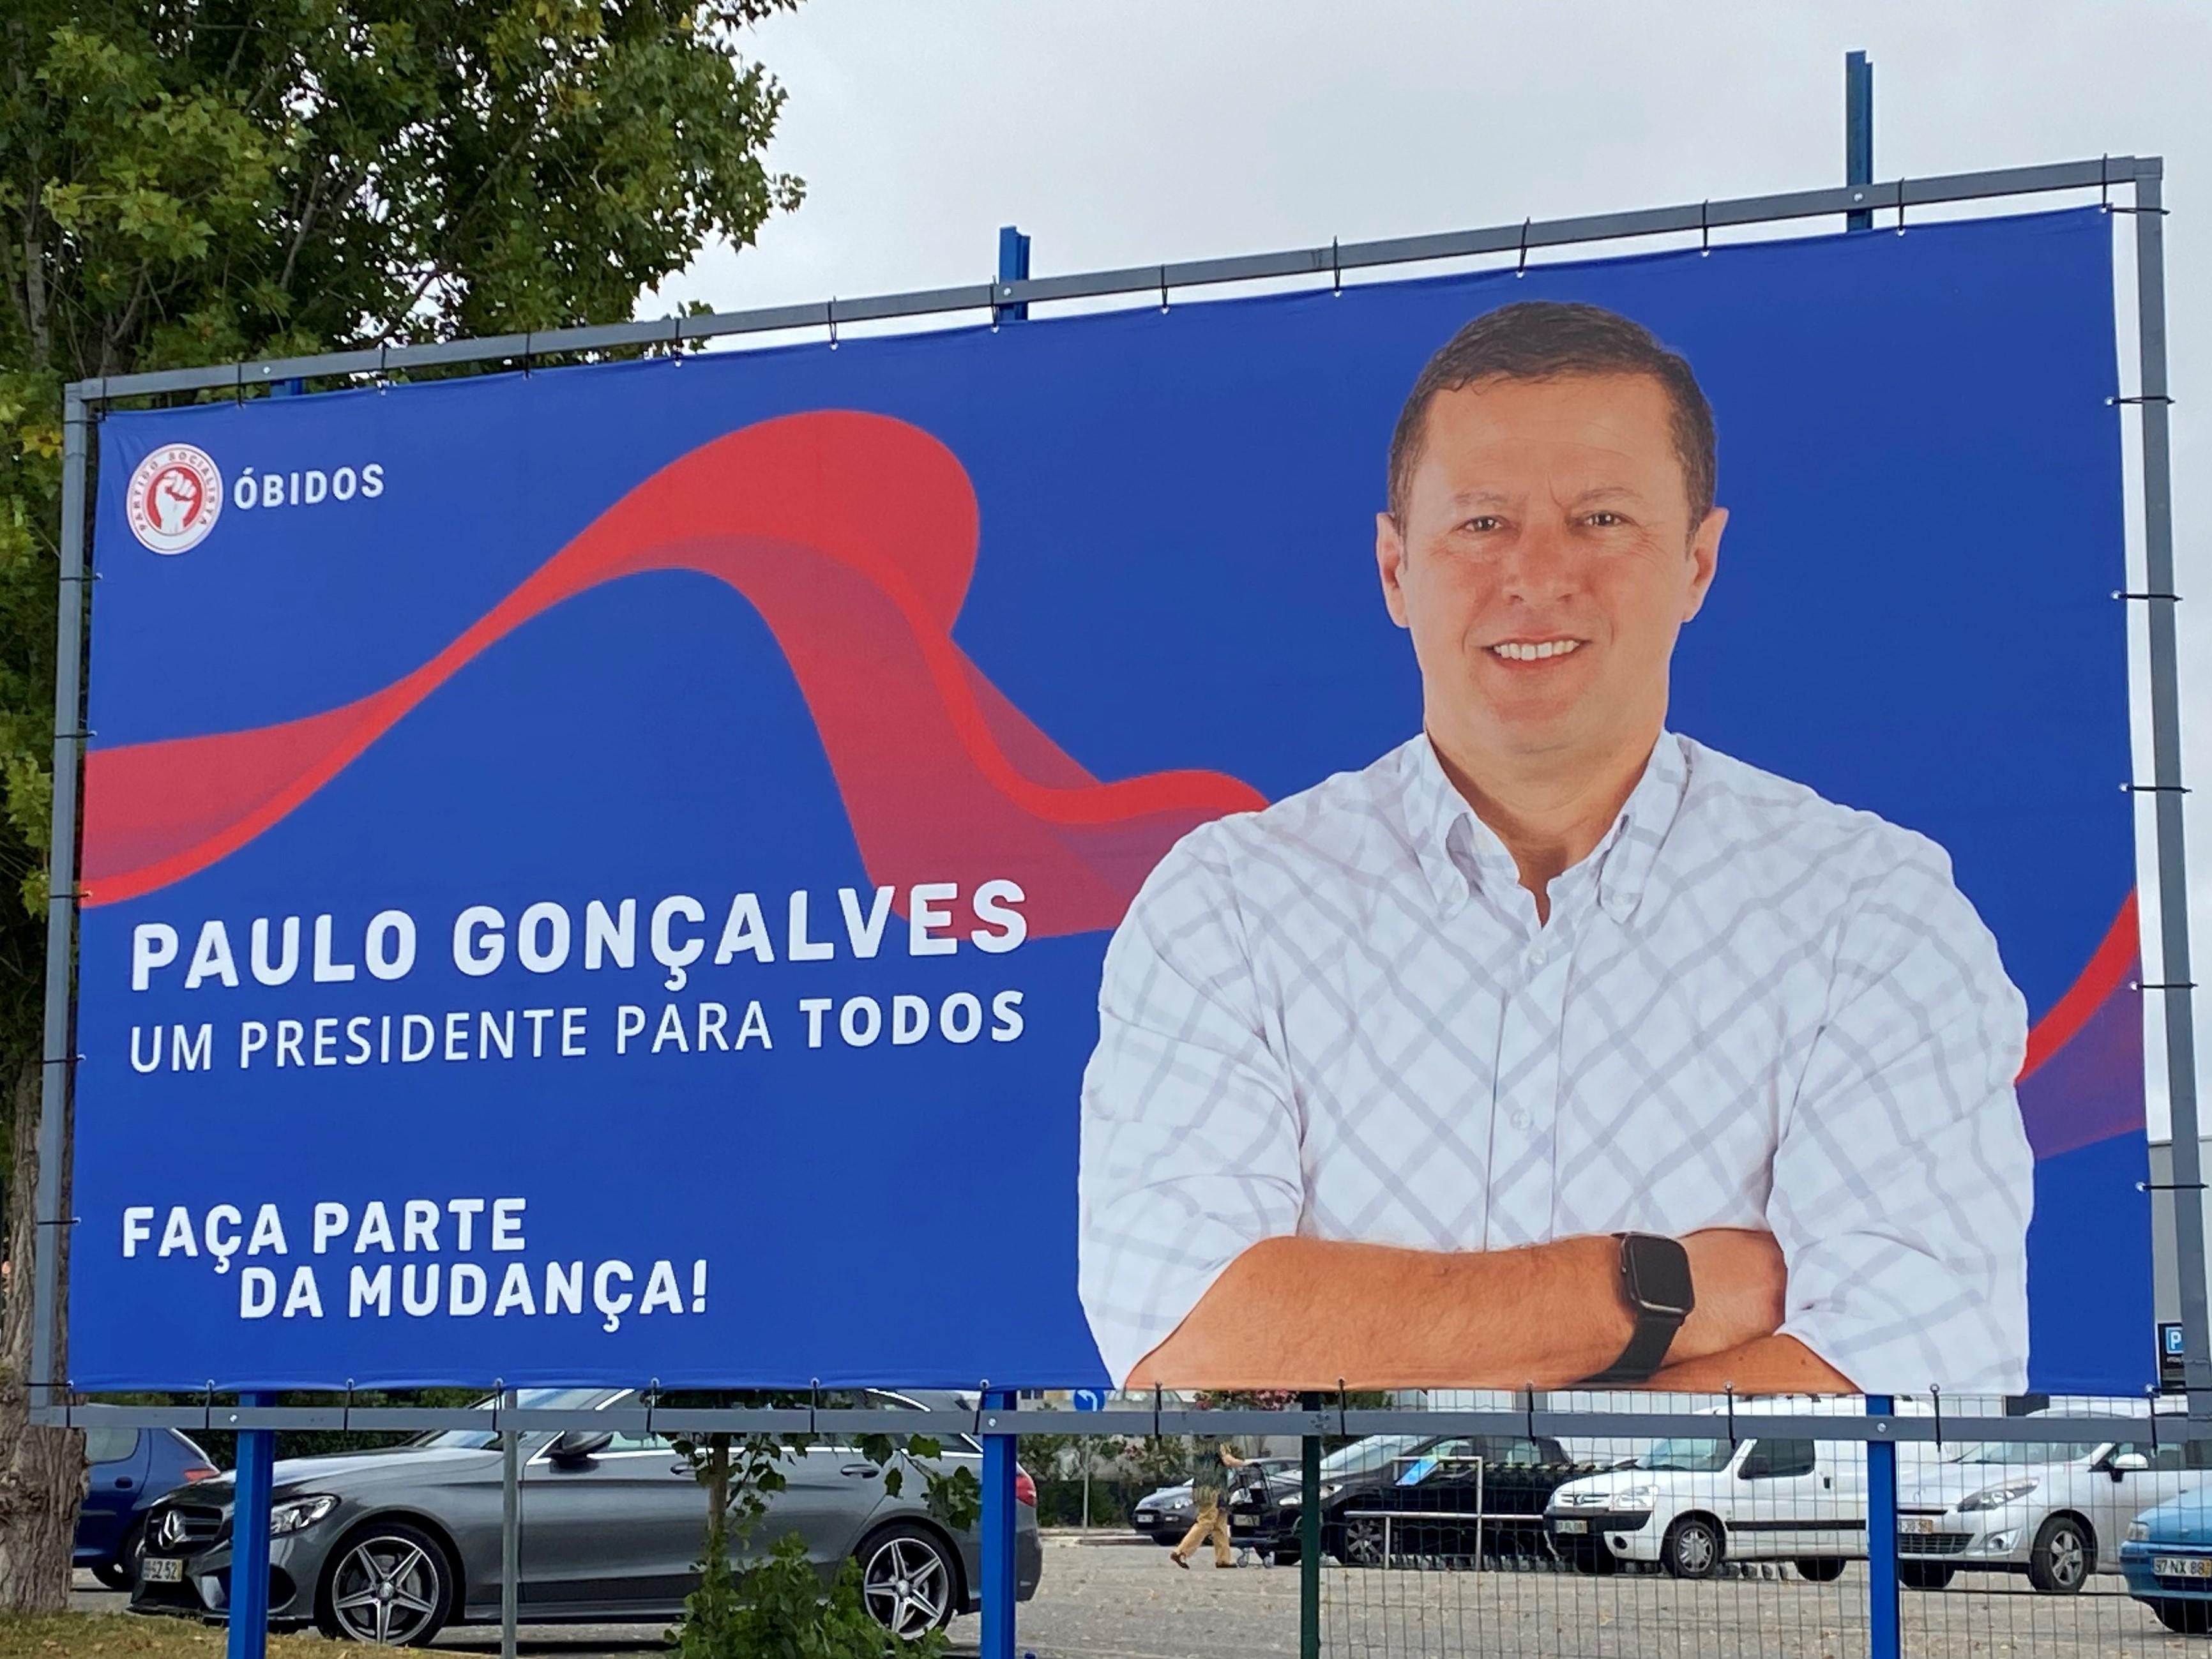 PS_2021_Obidos_1